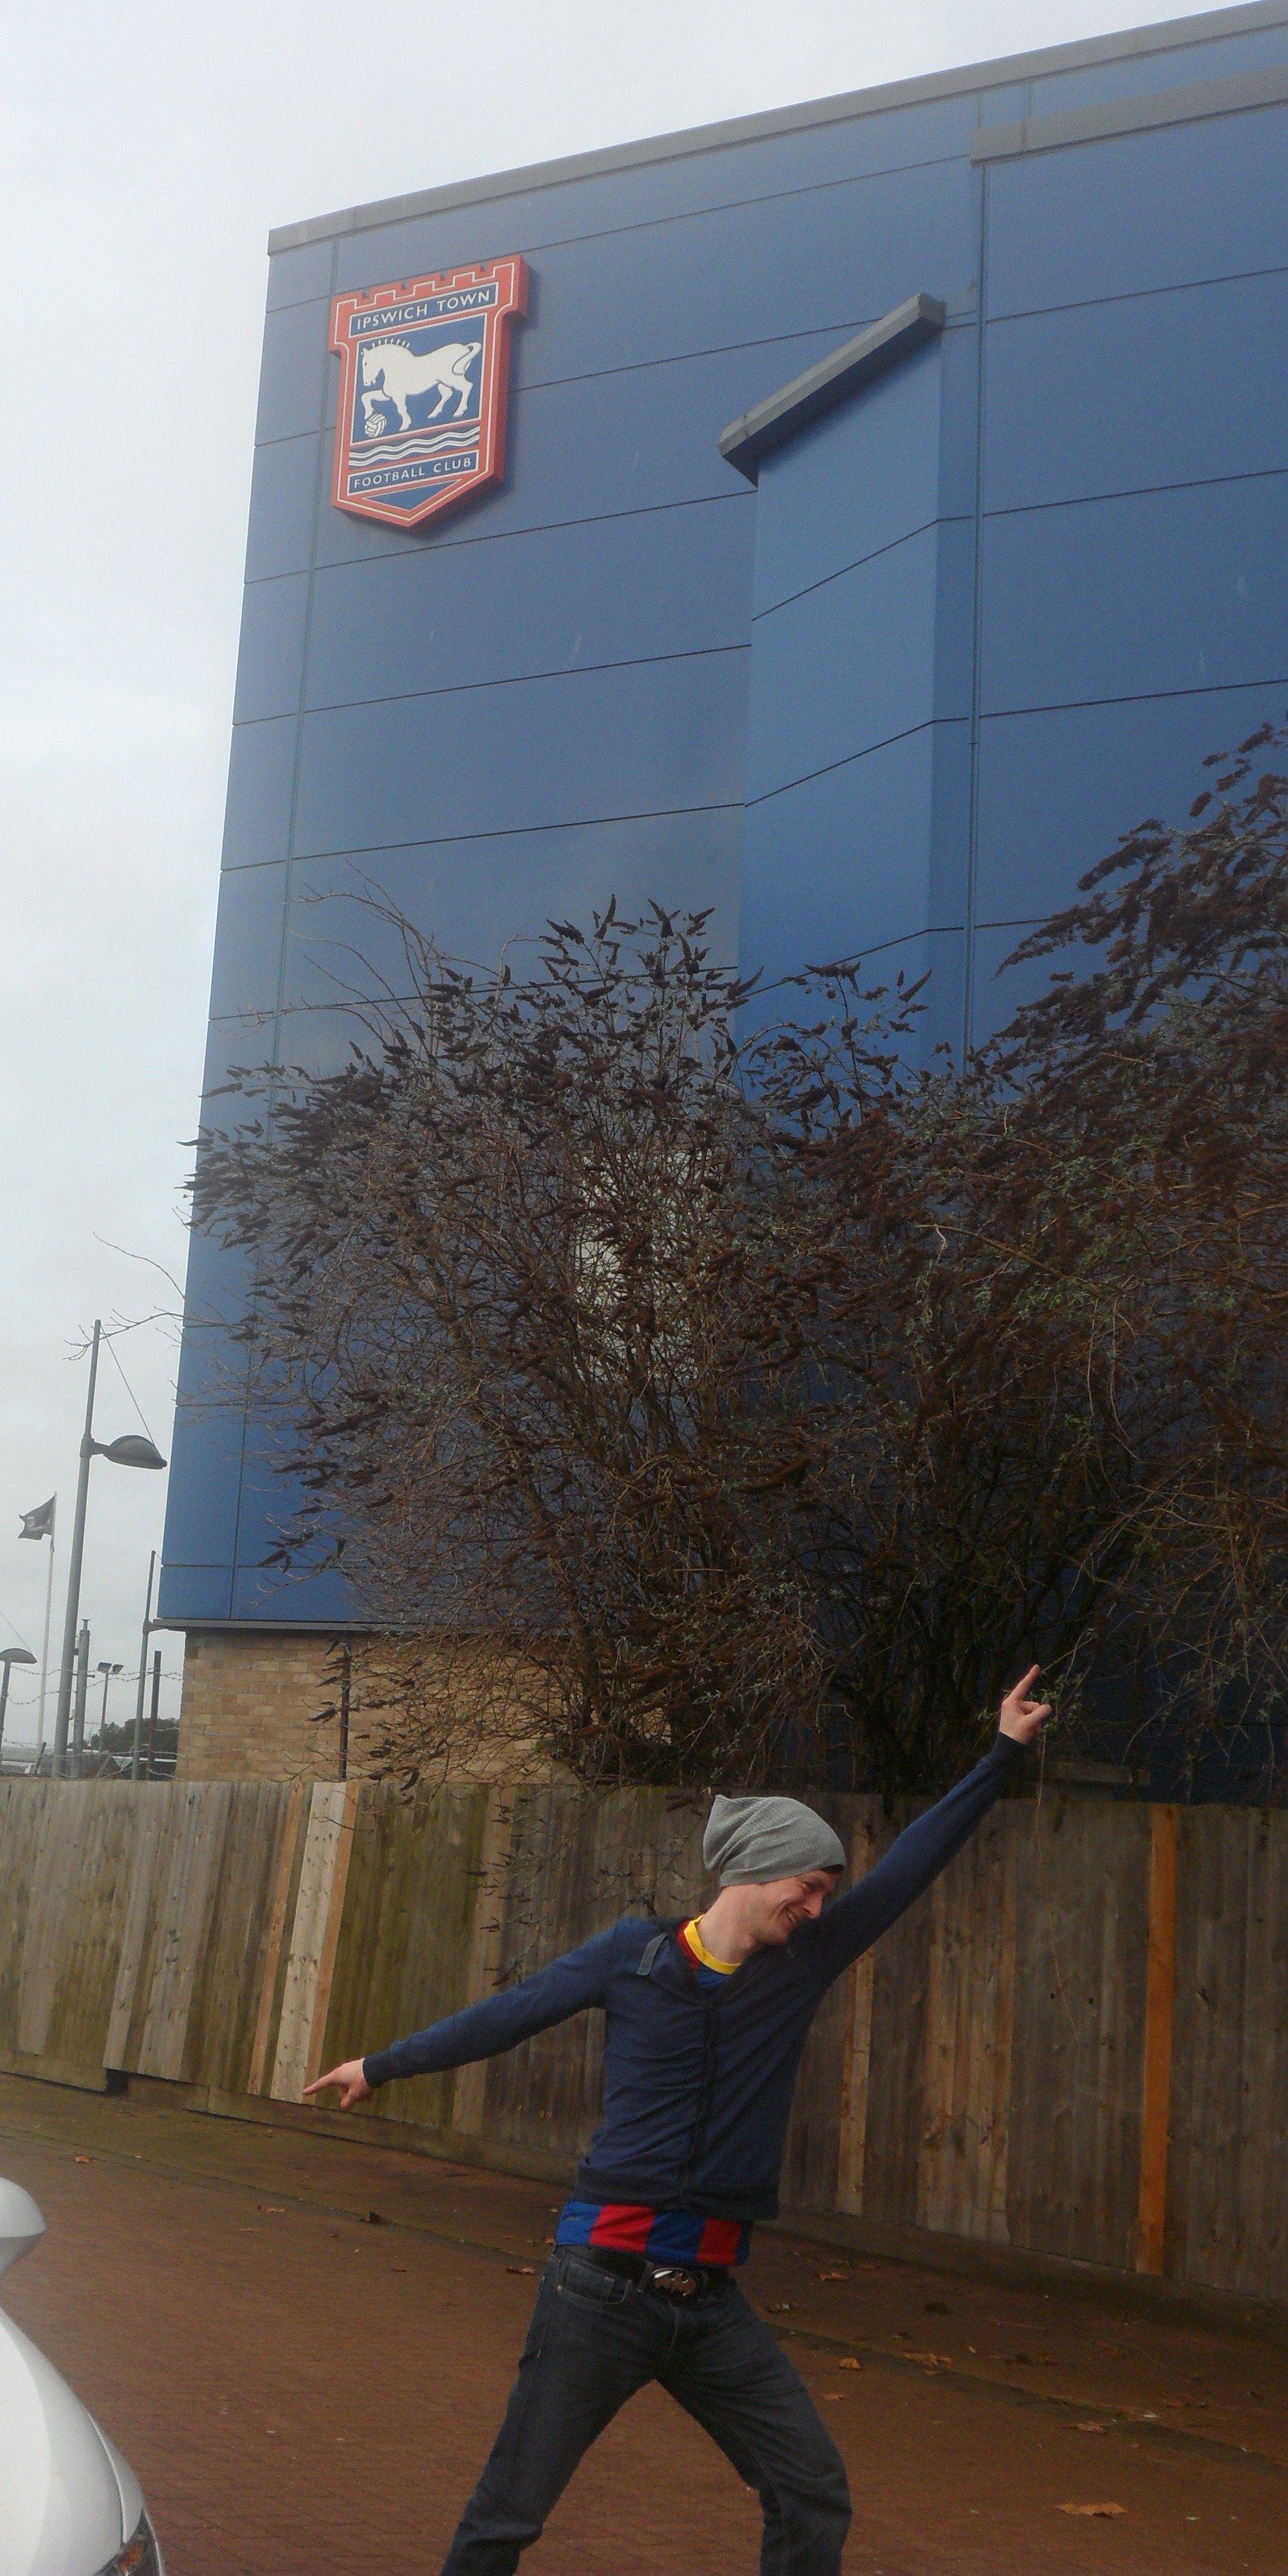 Ipswich Town: Portman Road